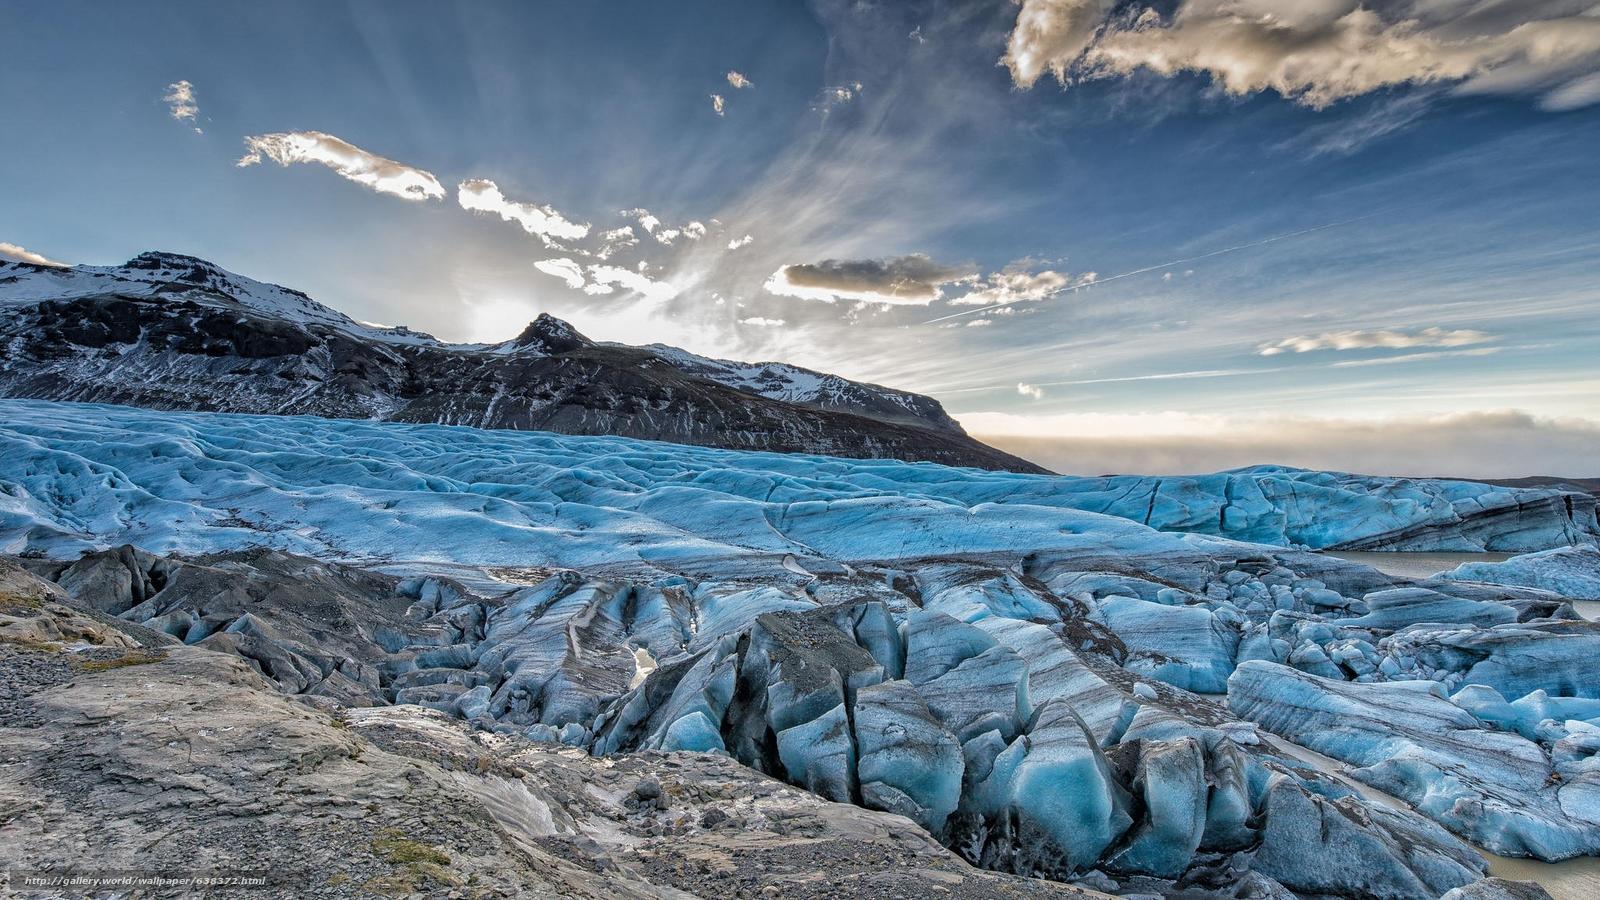 Tlcharger Fond d'ecran glace, banquise, glacier, hiver Fonds d'ecran gratuits pour votre ...